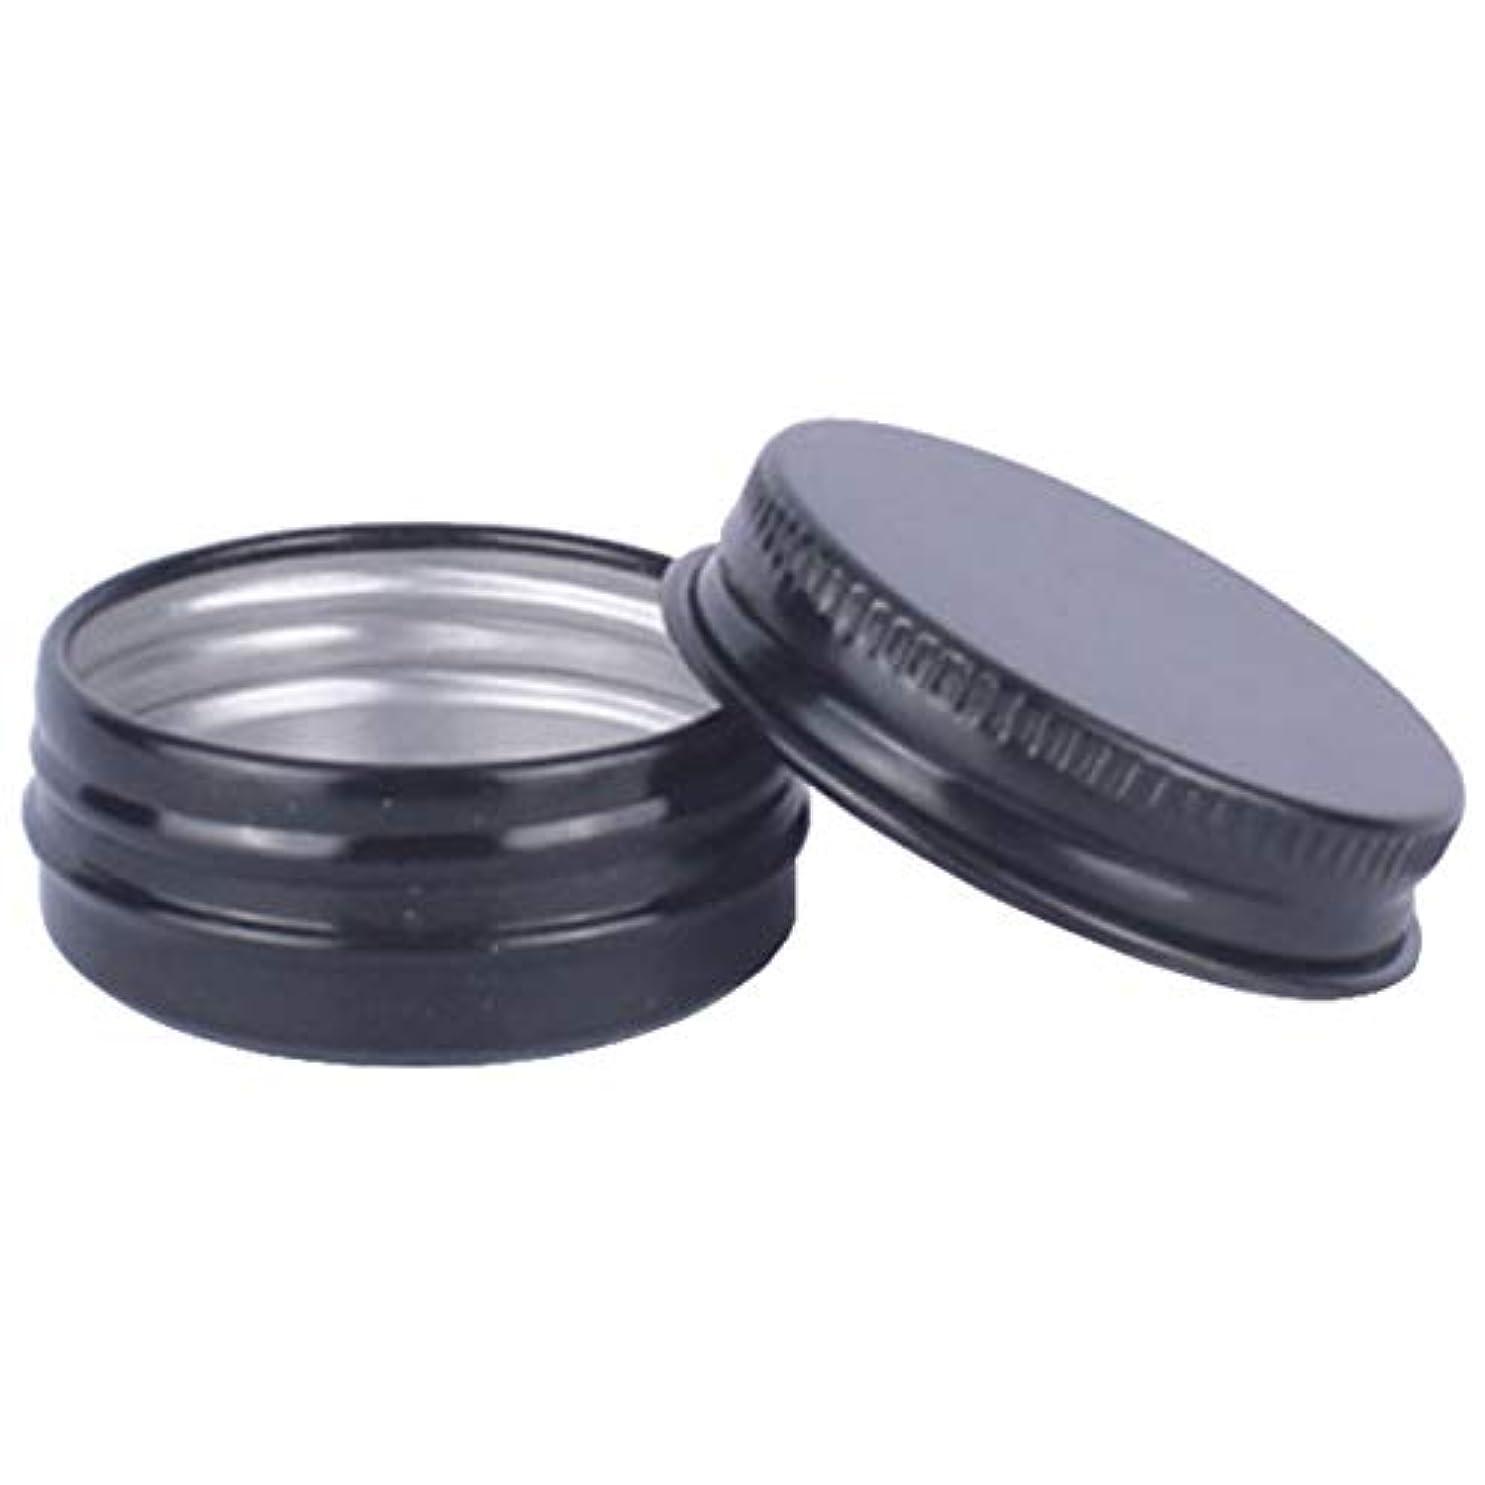 ペンスどんなときもホールドオールフェリモア アルミネジキャップ缶 詰め替え容器 クリーム 小分け容器 アルミ製 缶 30個セット